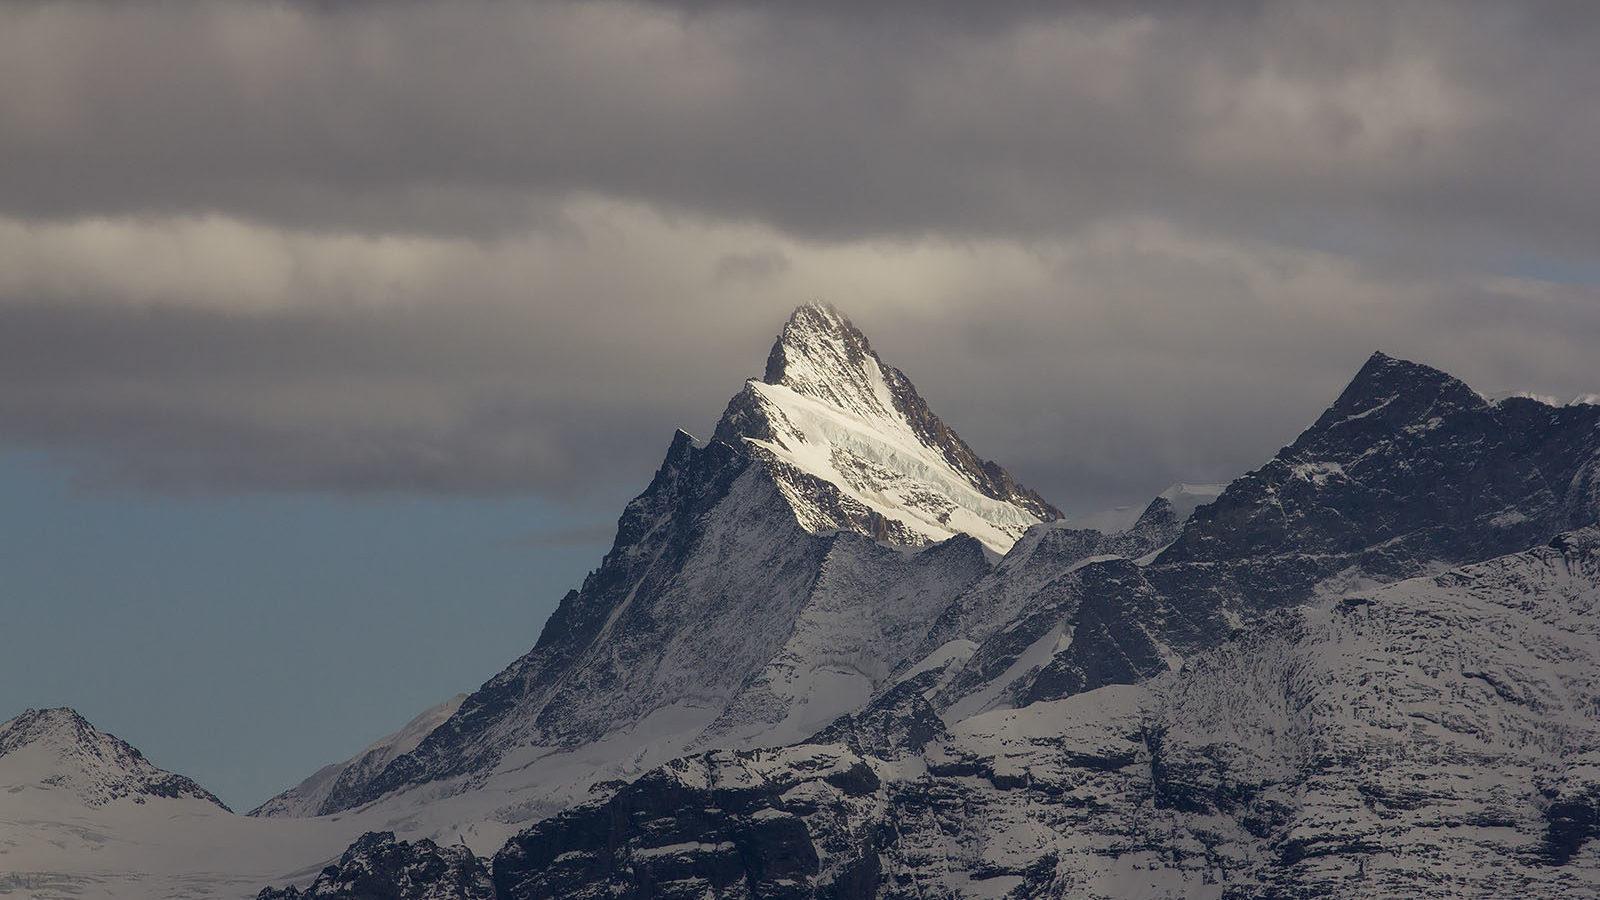 Ihr schroffes Äusseres erlangten die Alpen erst im Laufe des Eiszeitalter als Gletscher das Gebirge überprägten